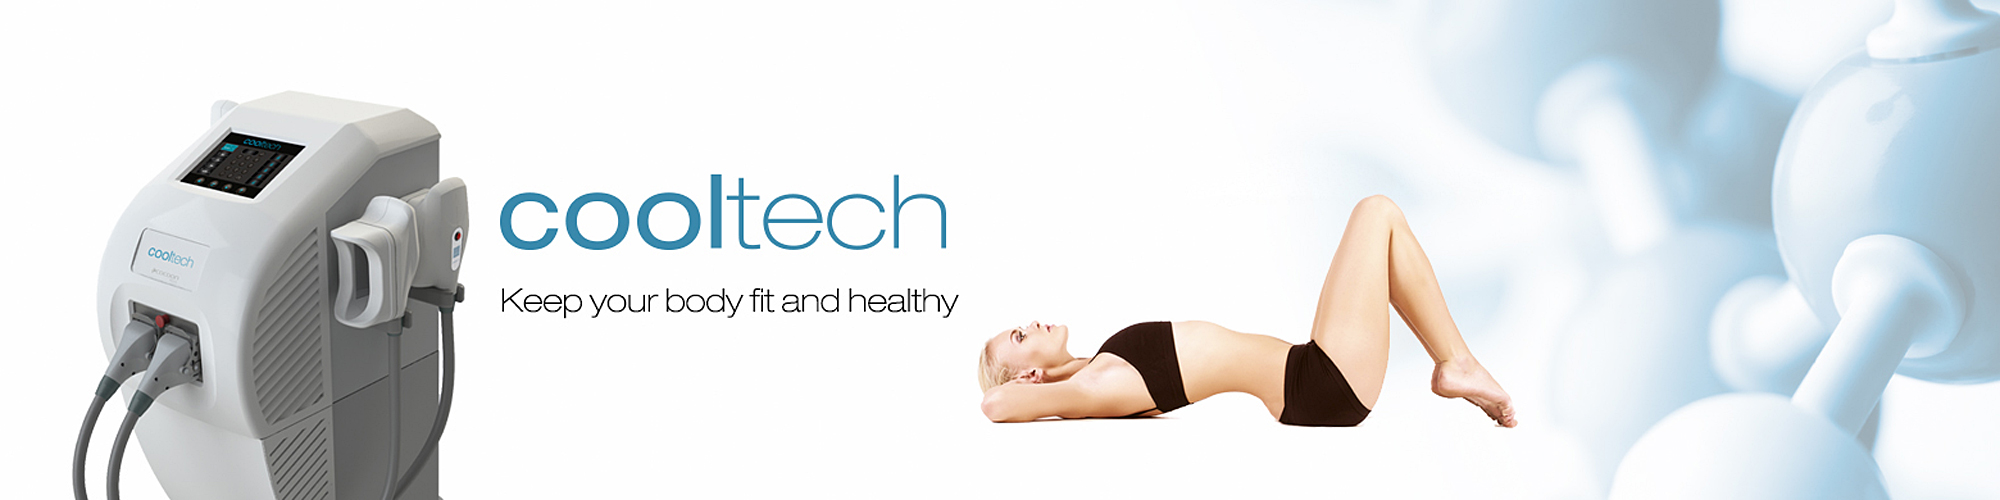 Diseñado para tratar la grasa de múltiples zonas del cuerpo mediante un sistema de enfriamiento controlado. Dispone de diferentes aplicadores creados para adaptarse a todas las zonas corporales permitiendo realizar una remodelación completa de la figura.